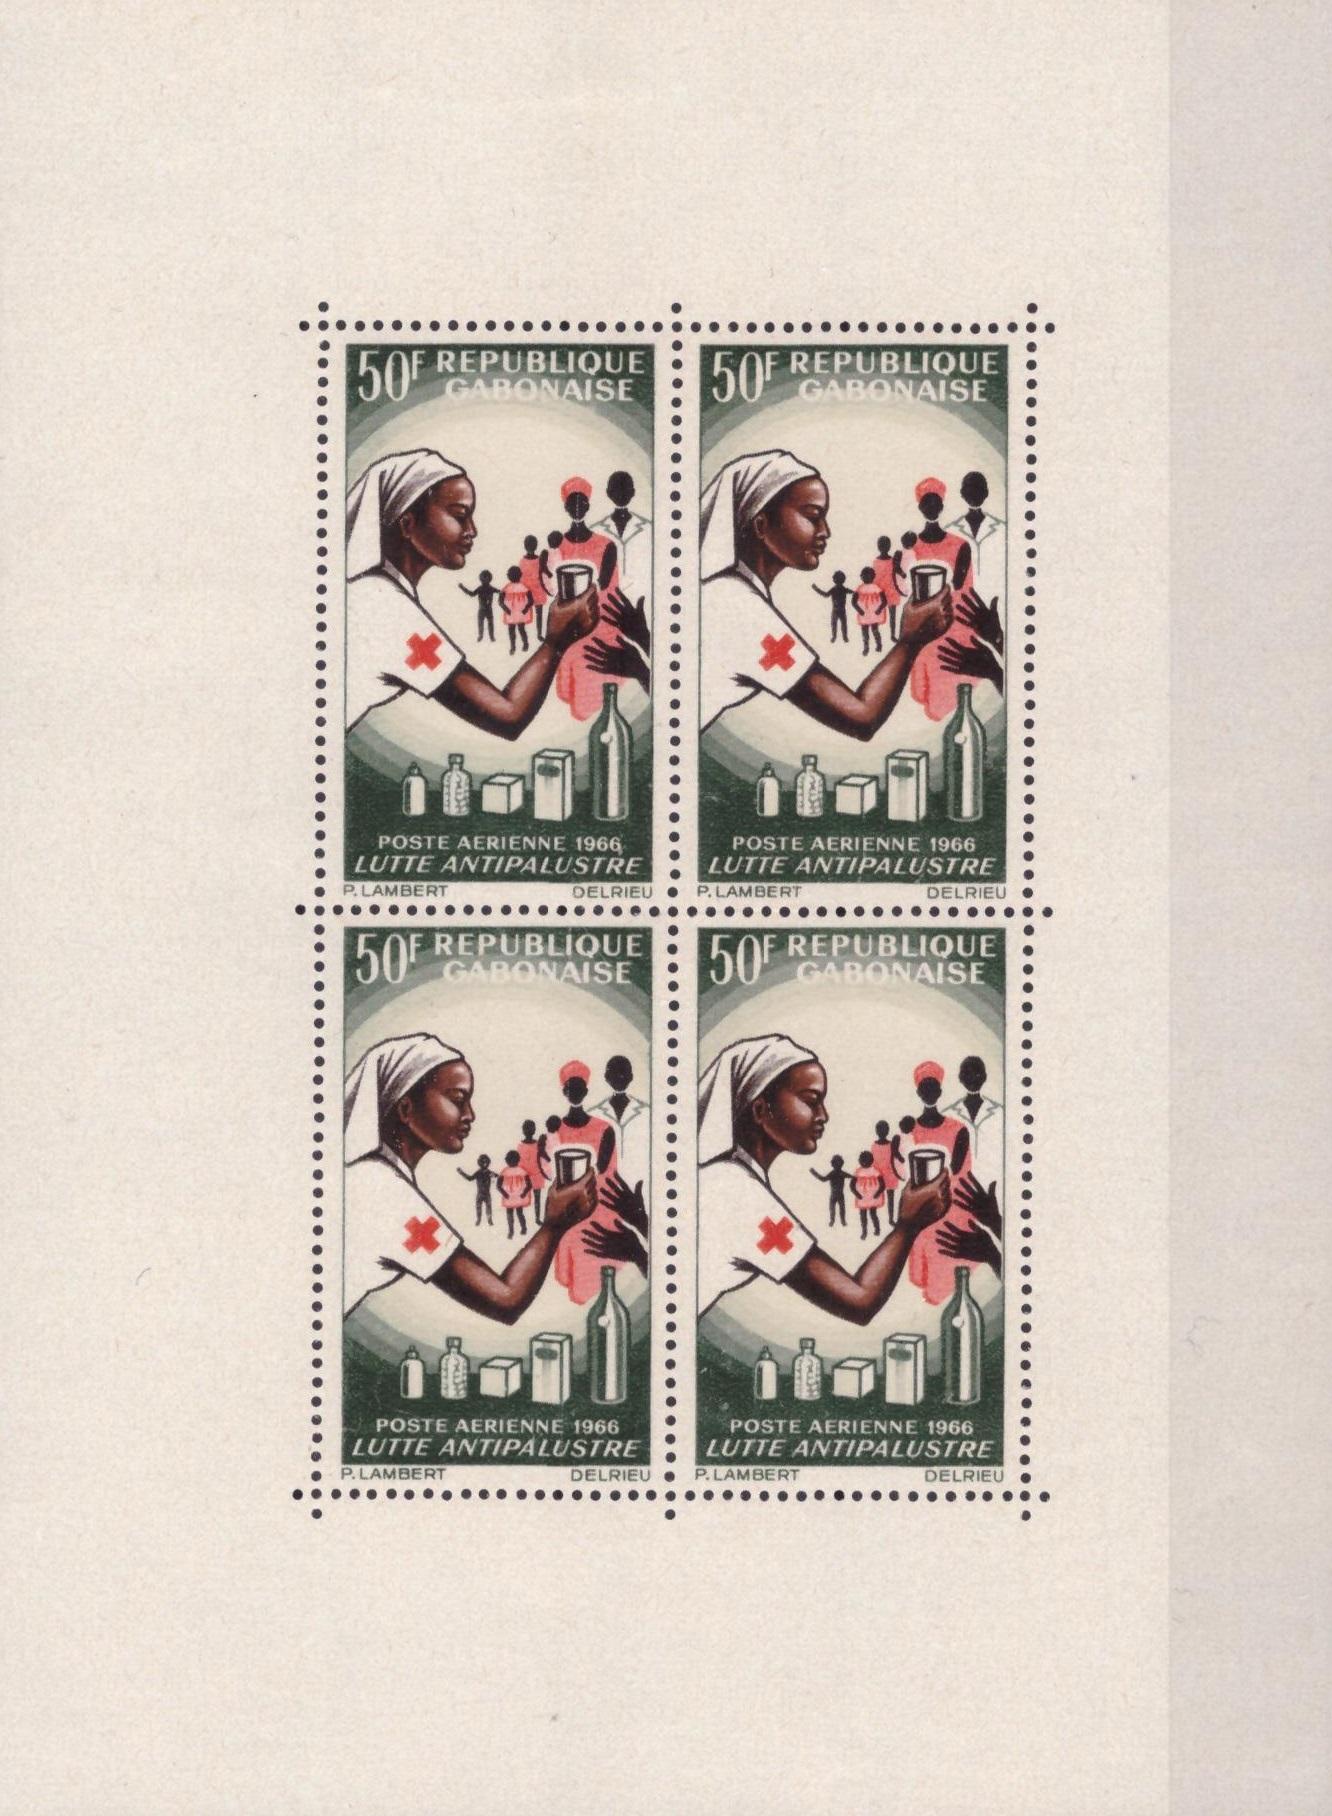 feuillet_croix_rouge_gabon_poste_aerienne_1966_2.jpg